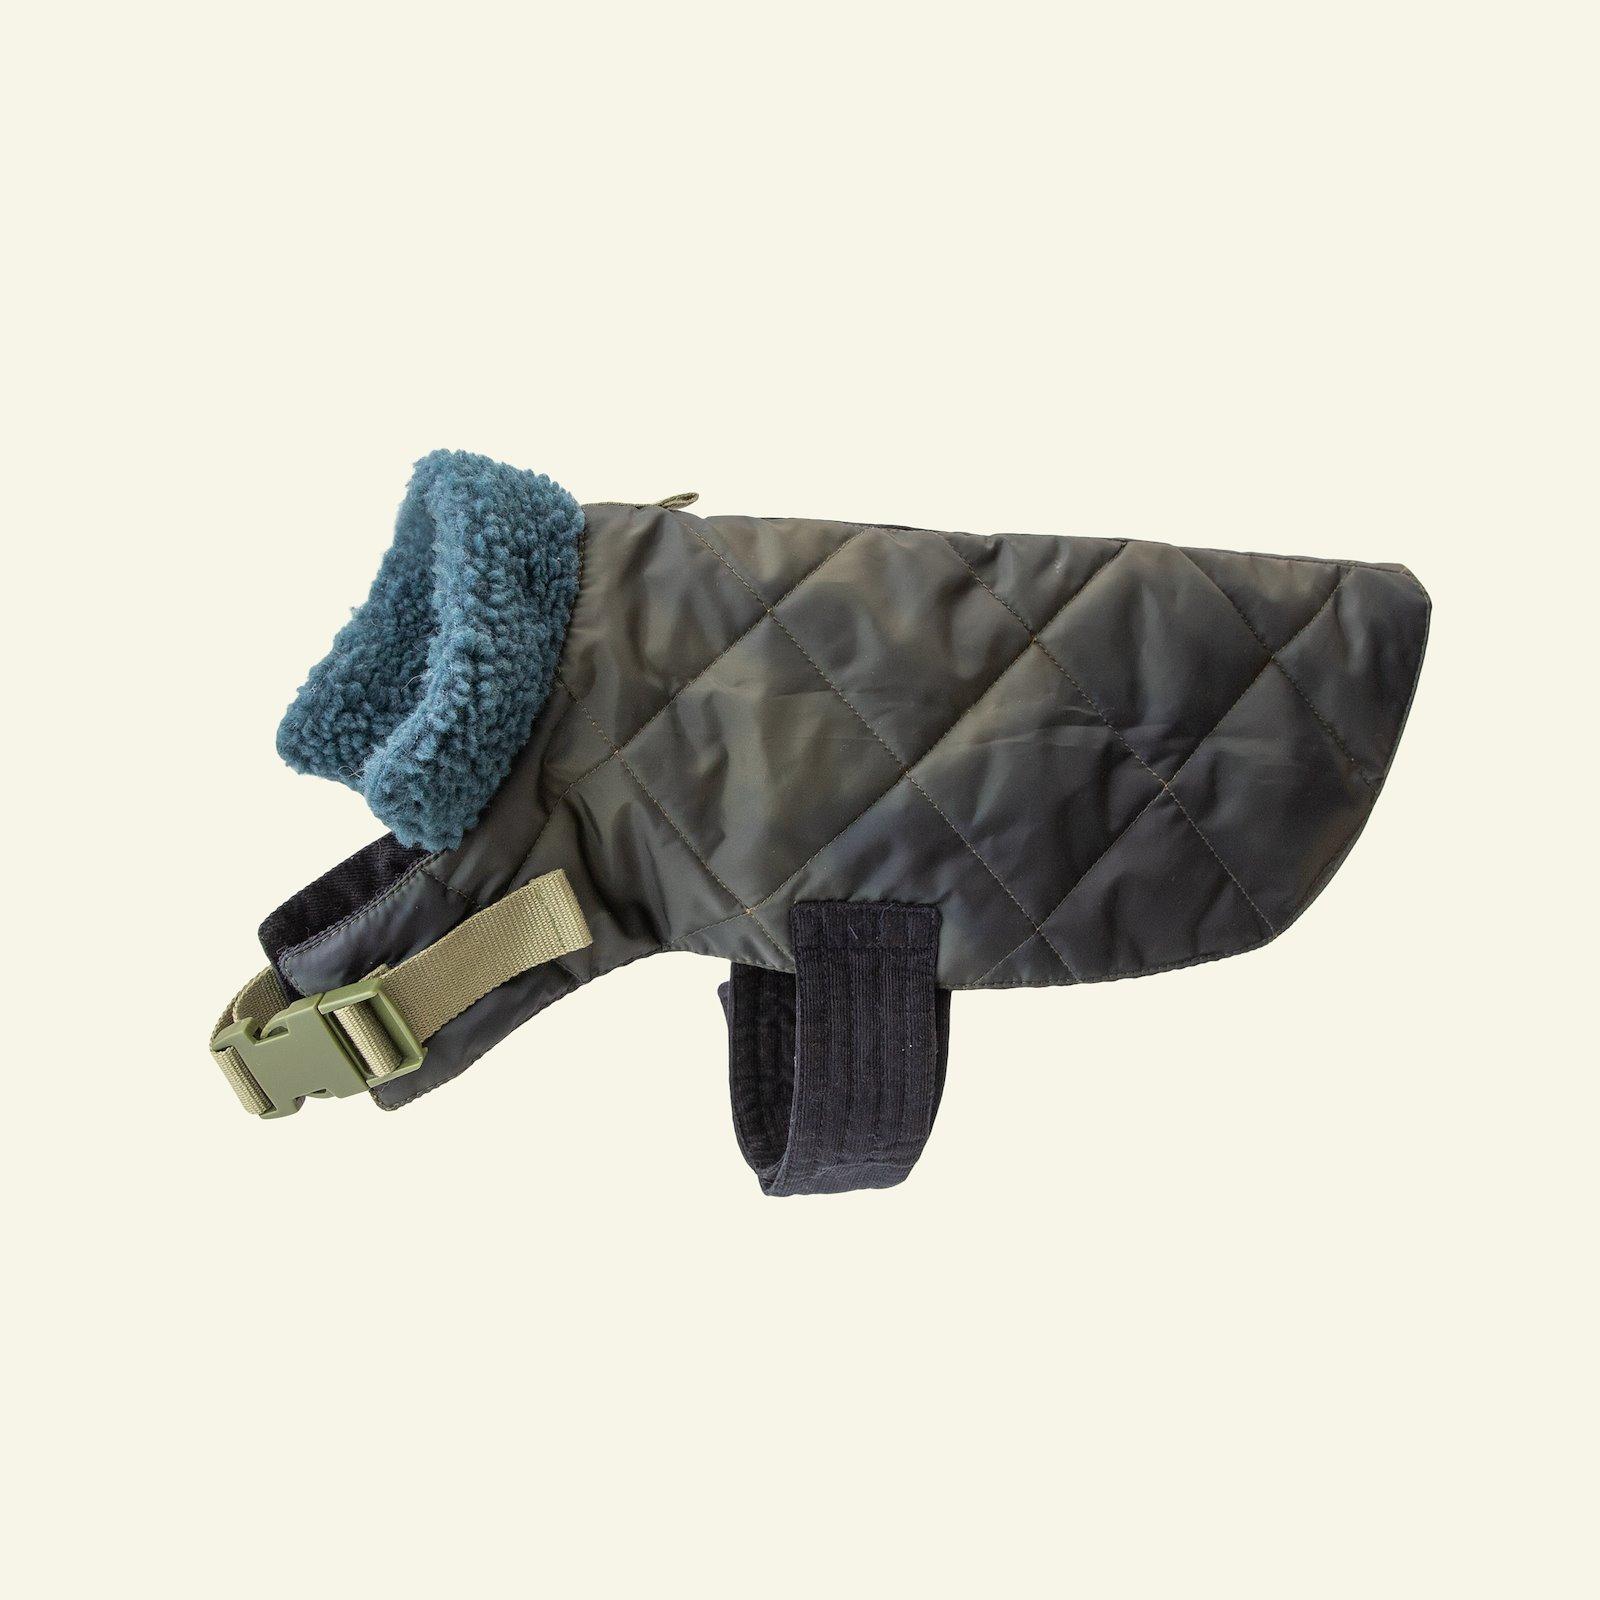 Dog coat p90346_920245_910286_430232_45200_22299_22301_sskit